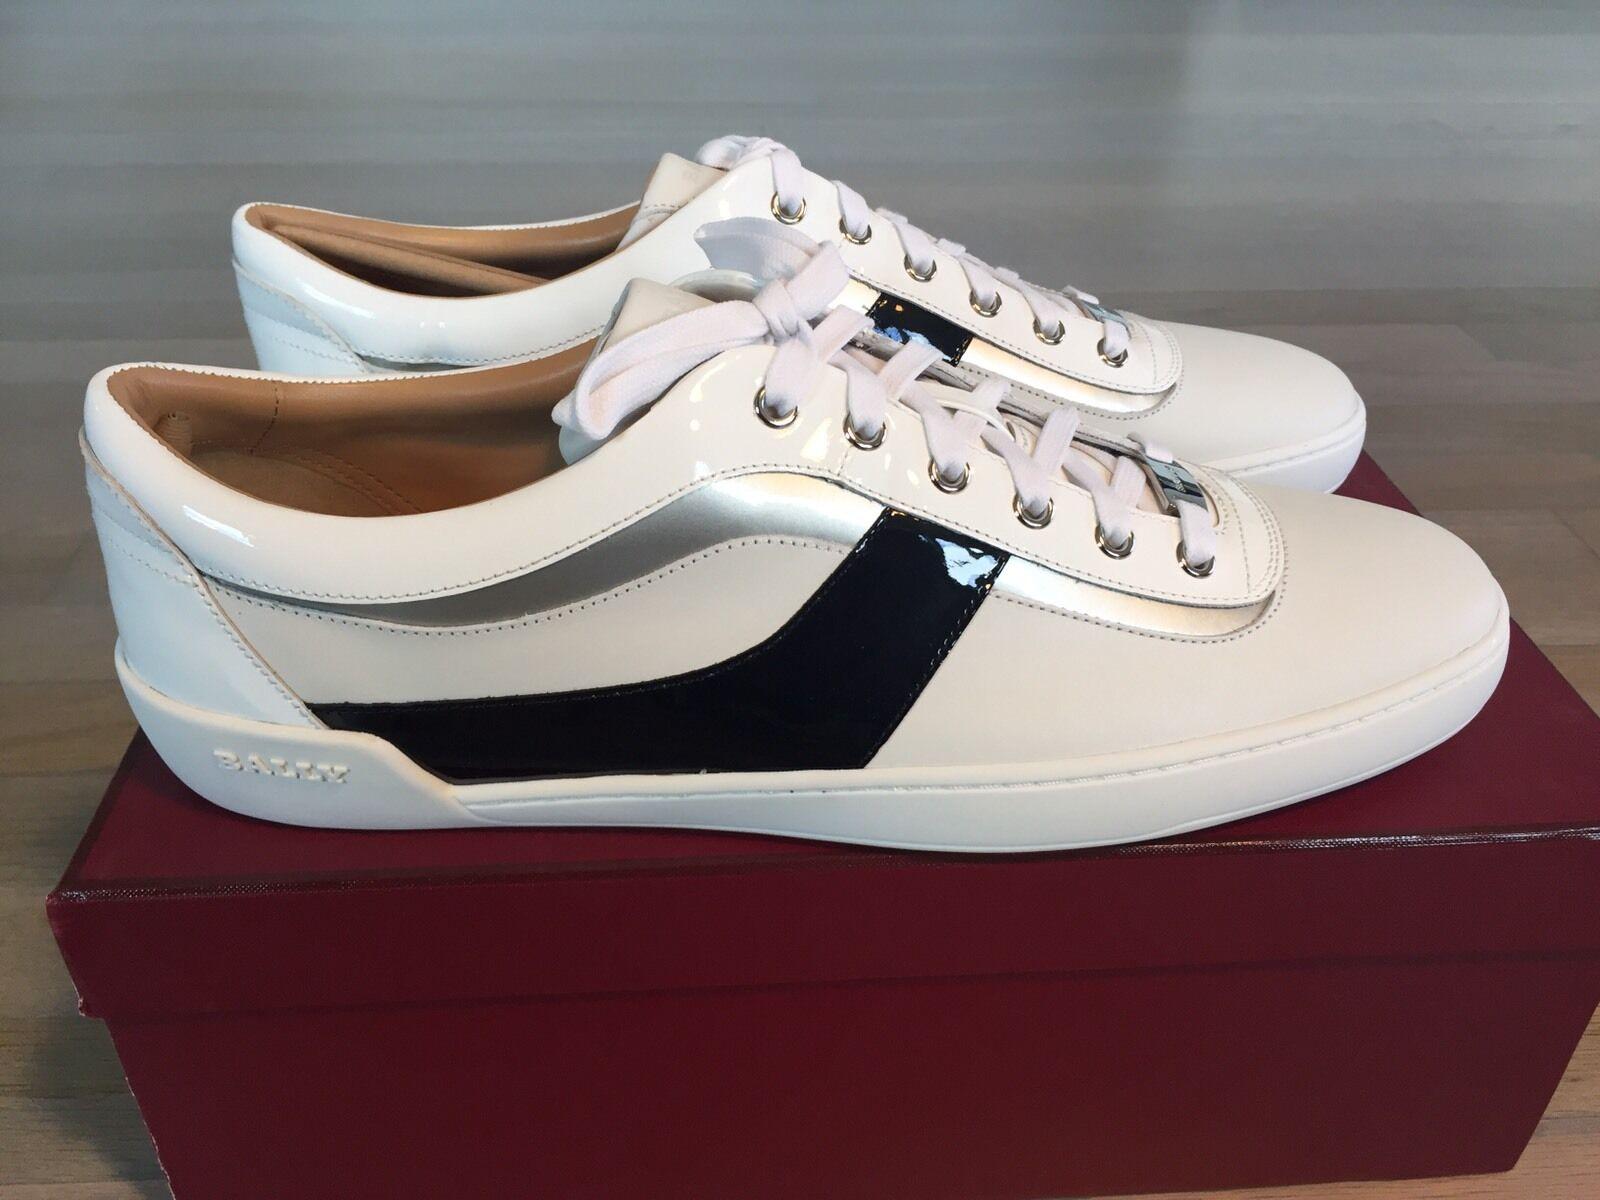 600 Bally Eron White Leather Sneakers size US 12